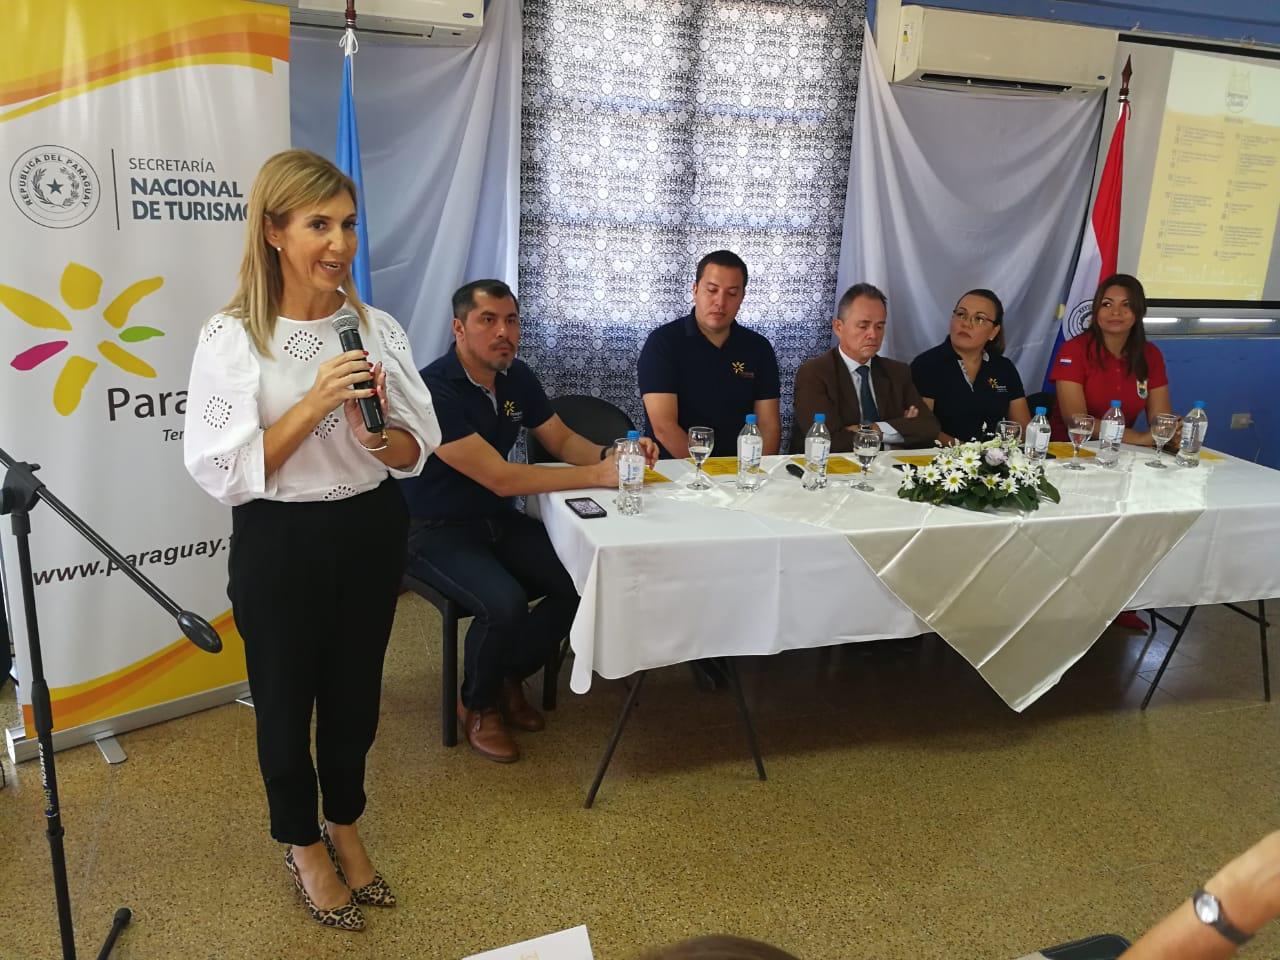 """El """"Destino Paraguay en Semana Santa"""" fue presentado en la ciudad de Posadas"""